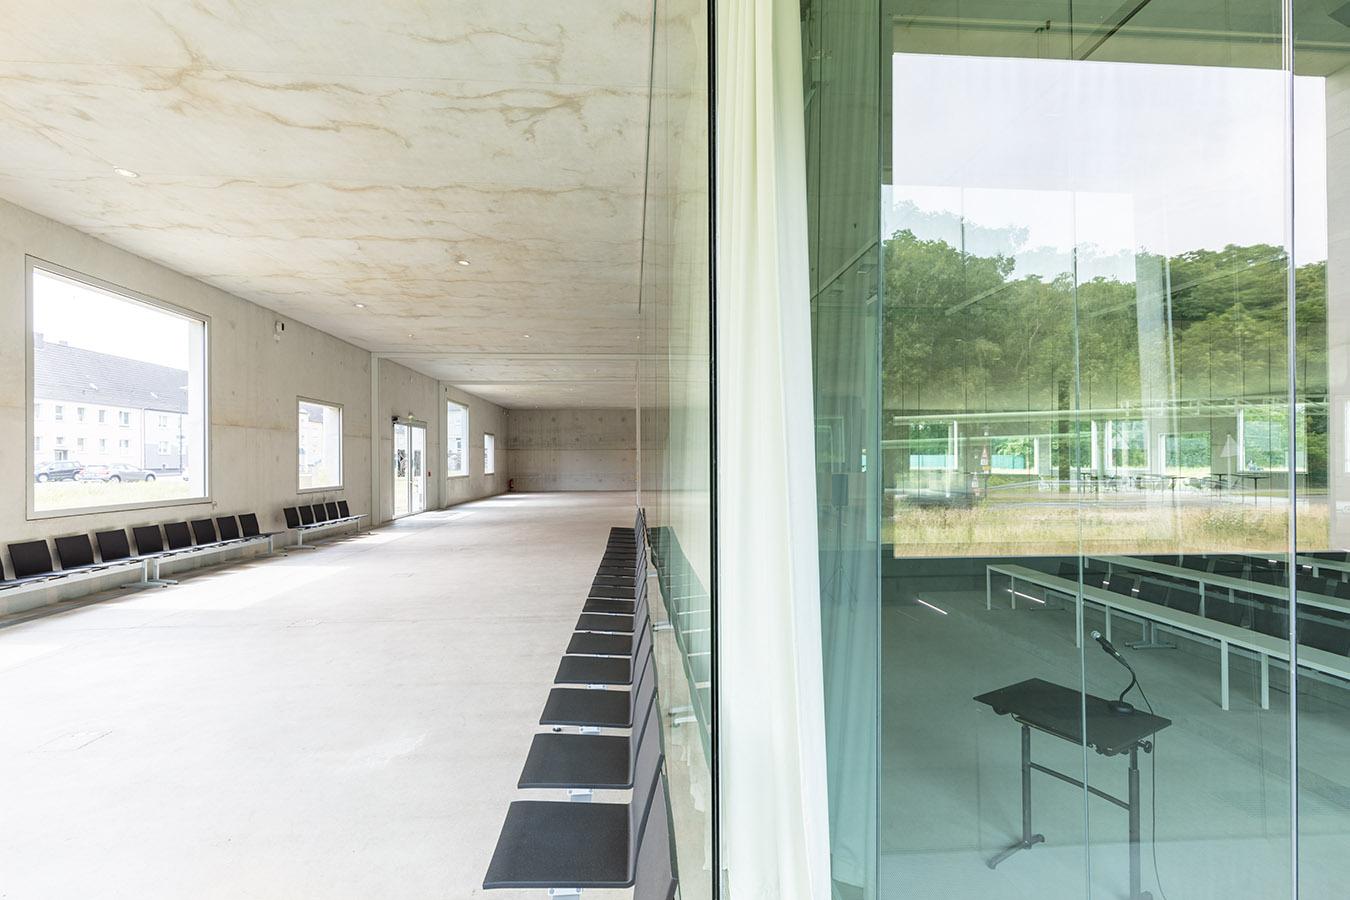 Folkwang Universität der Künste, Campus Welterbe Zollverein, SANAA-Gebäude